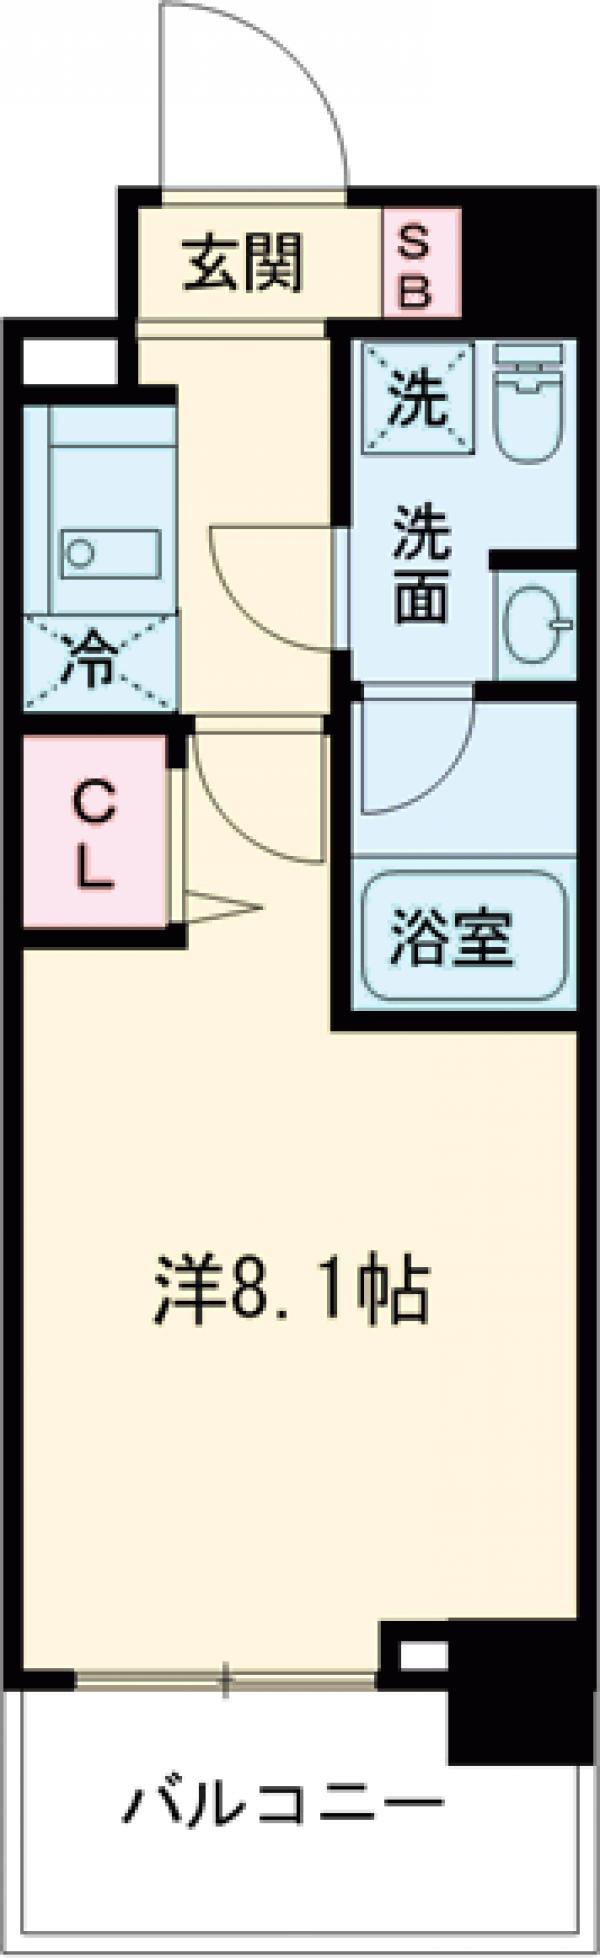 パティーナ東武練馬 602号室の間取り